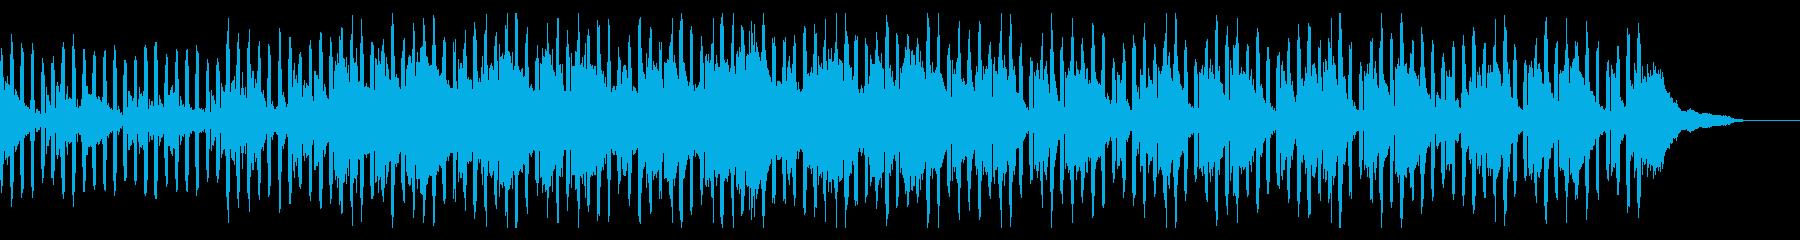 報道ニュース原稿ピアノトランス汎用BGMの再生済みの波形